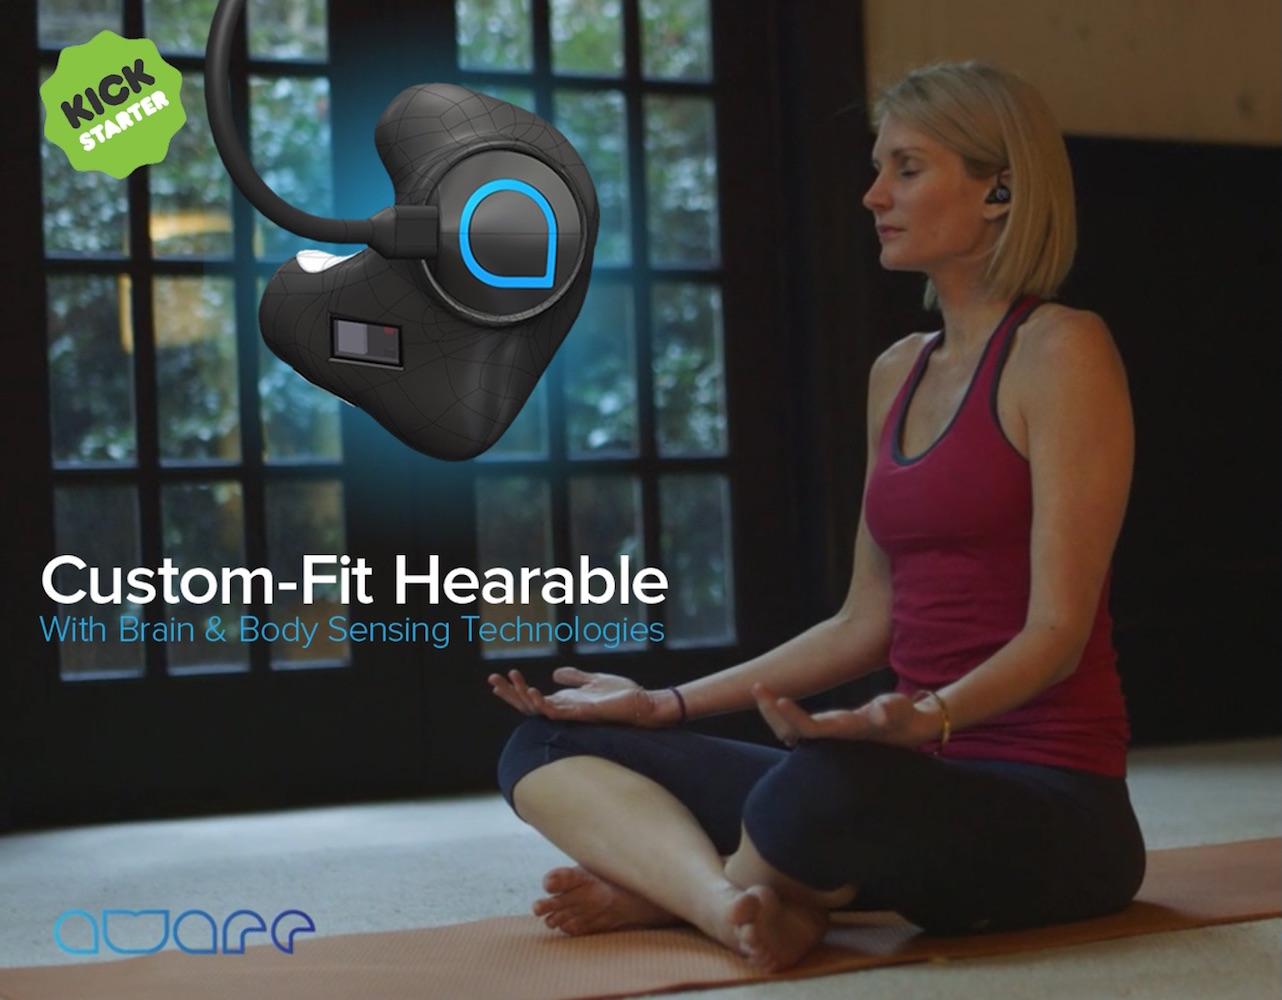 Aware Brain and Body Sensing Headphones